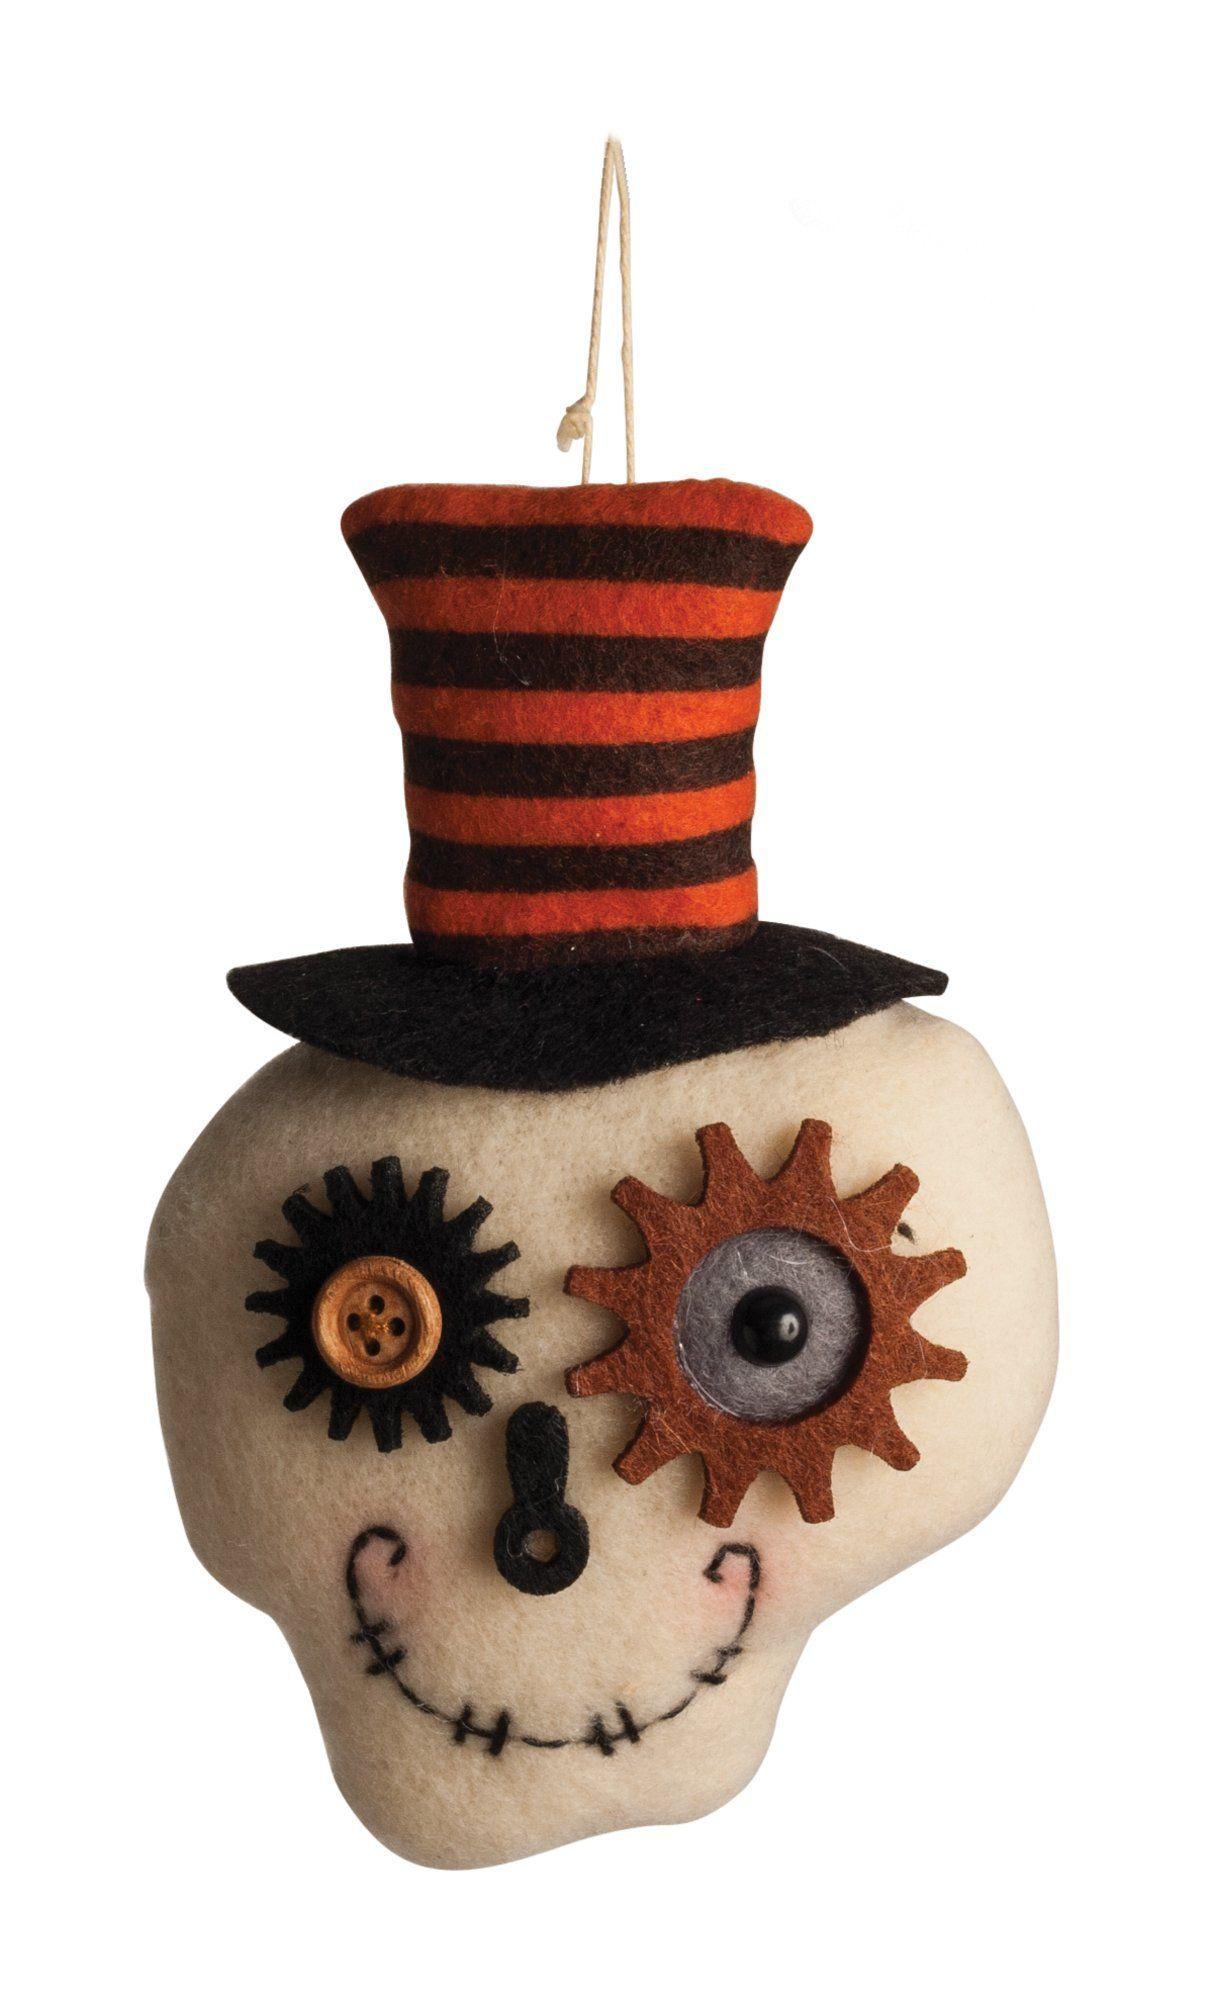 Plush Top Hat Skull Ornament Halloween Prop Halloween